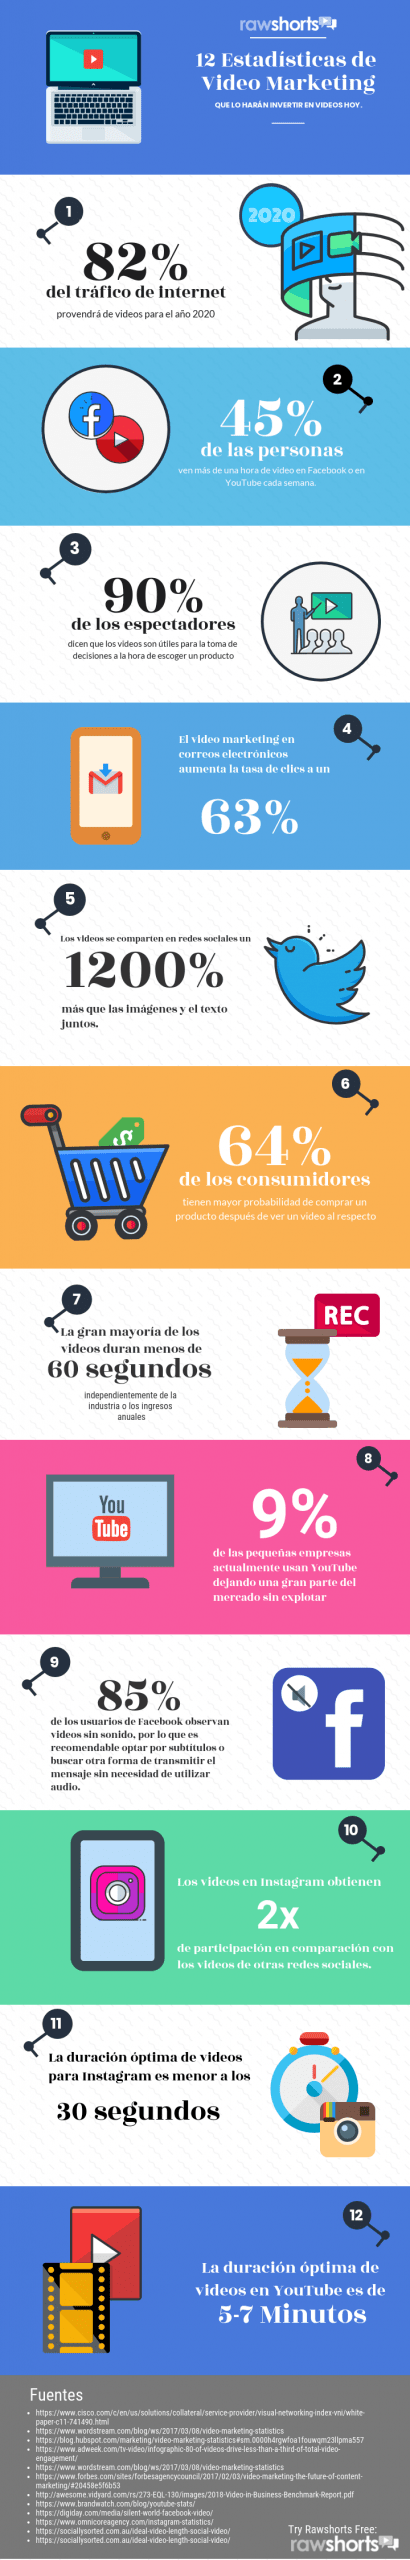 estadisticas de video marketing infografía 2020